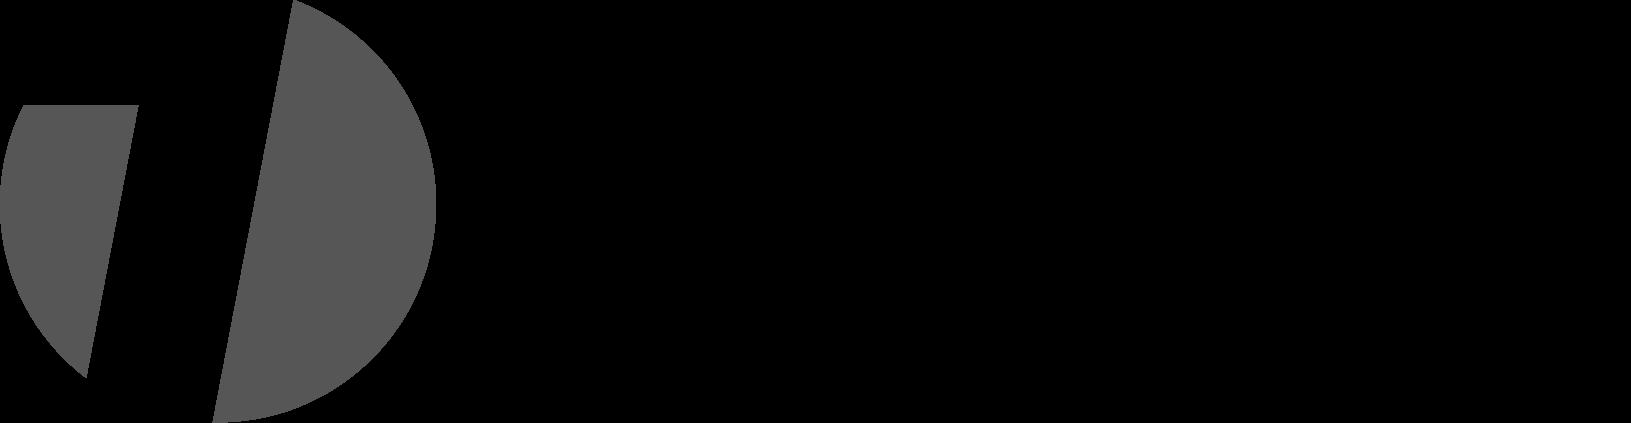 Логотип бренда timberk